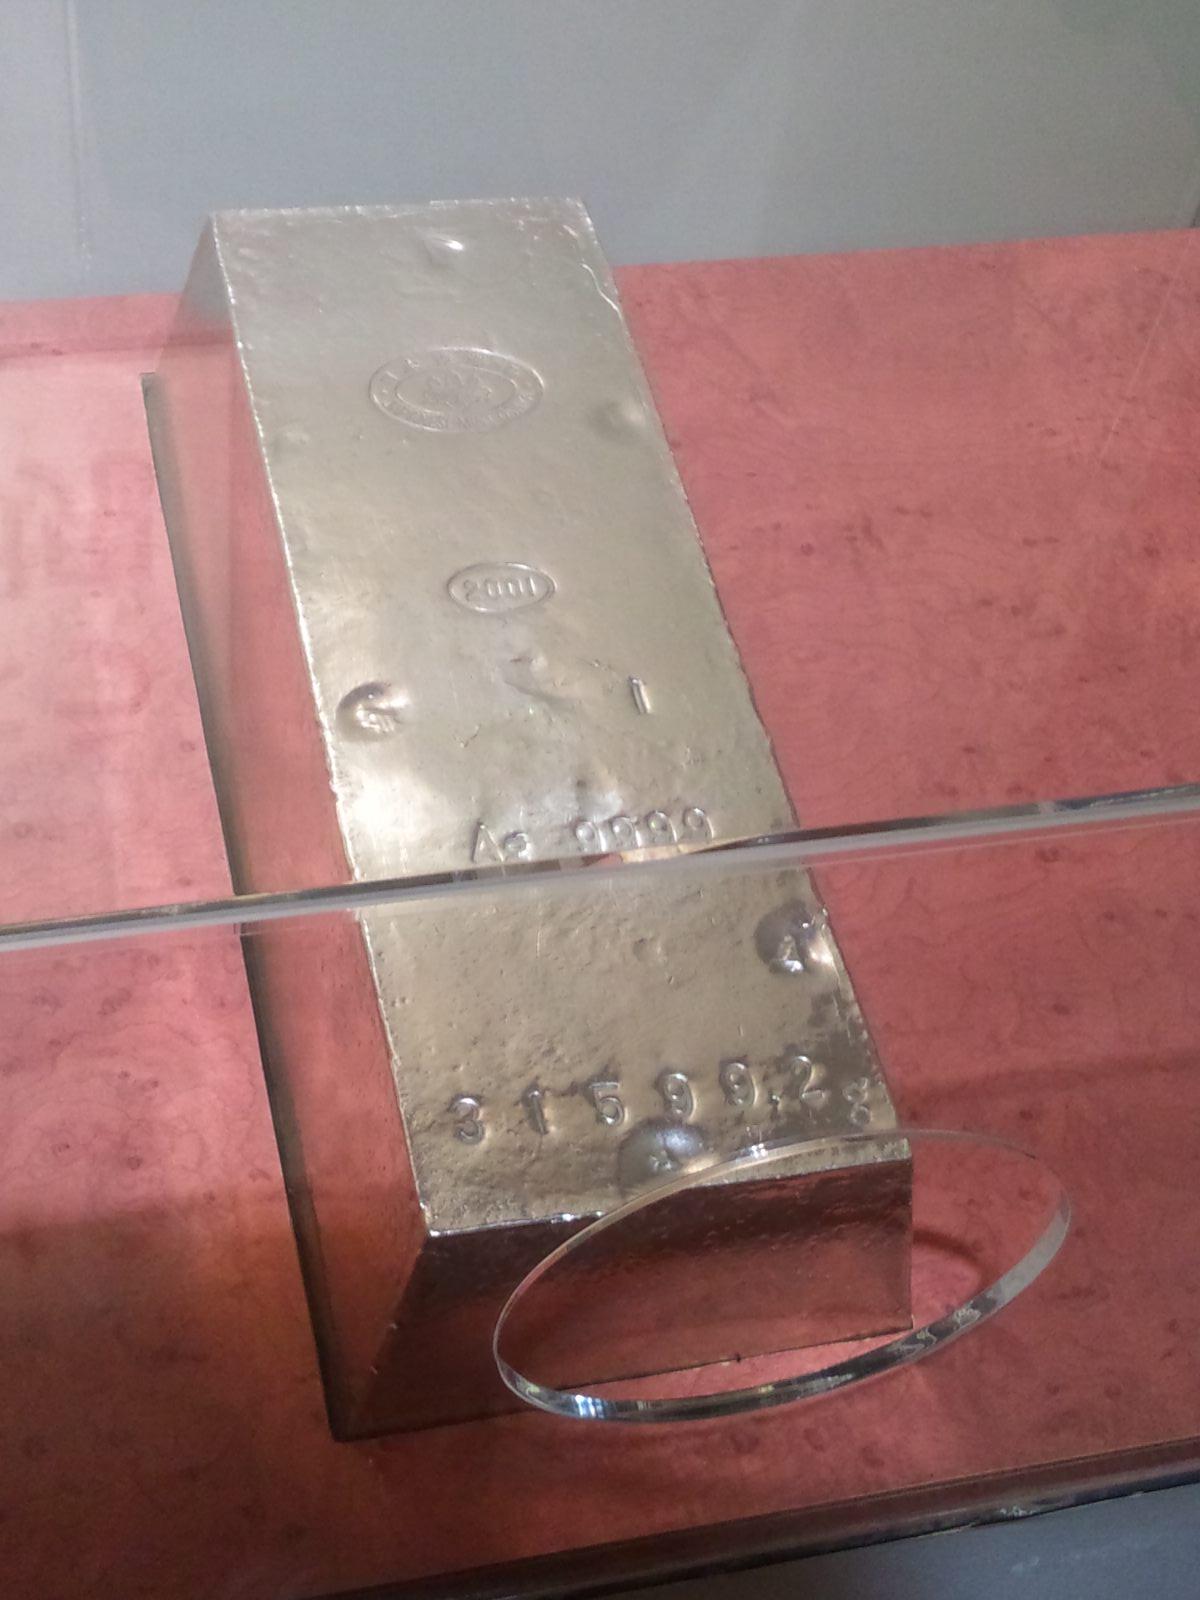 金塊と銀塊、ポスト団塊が触ると_c0027285_1462259.jpg